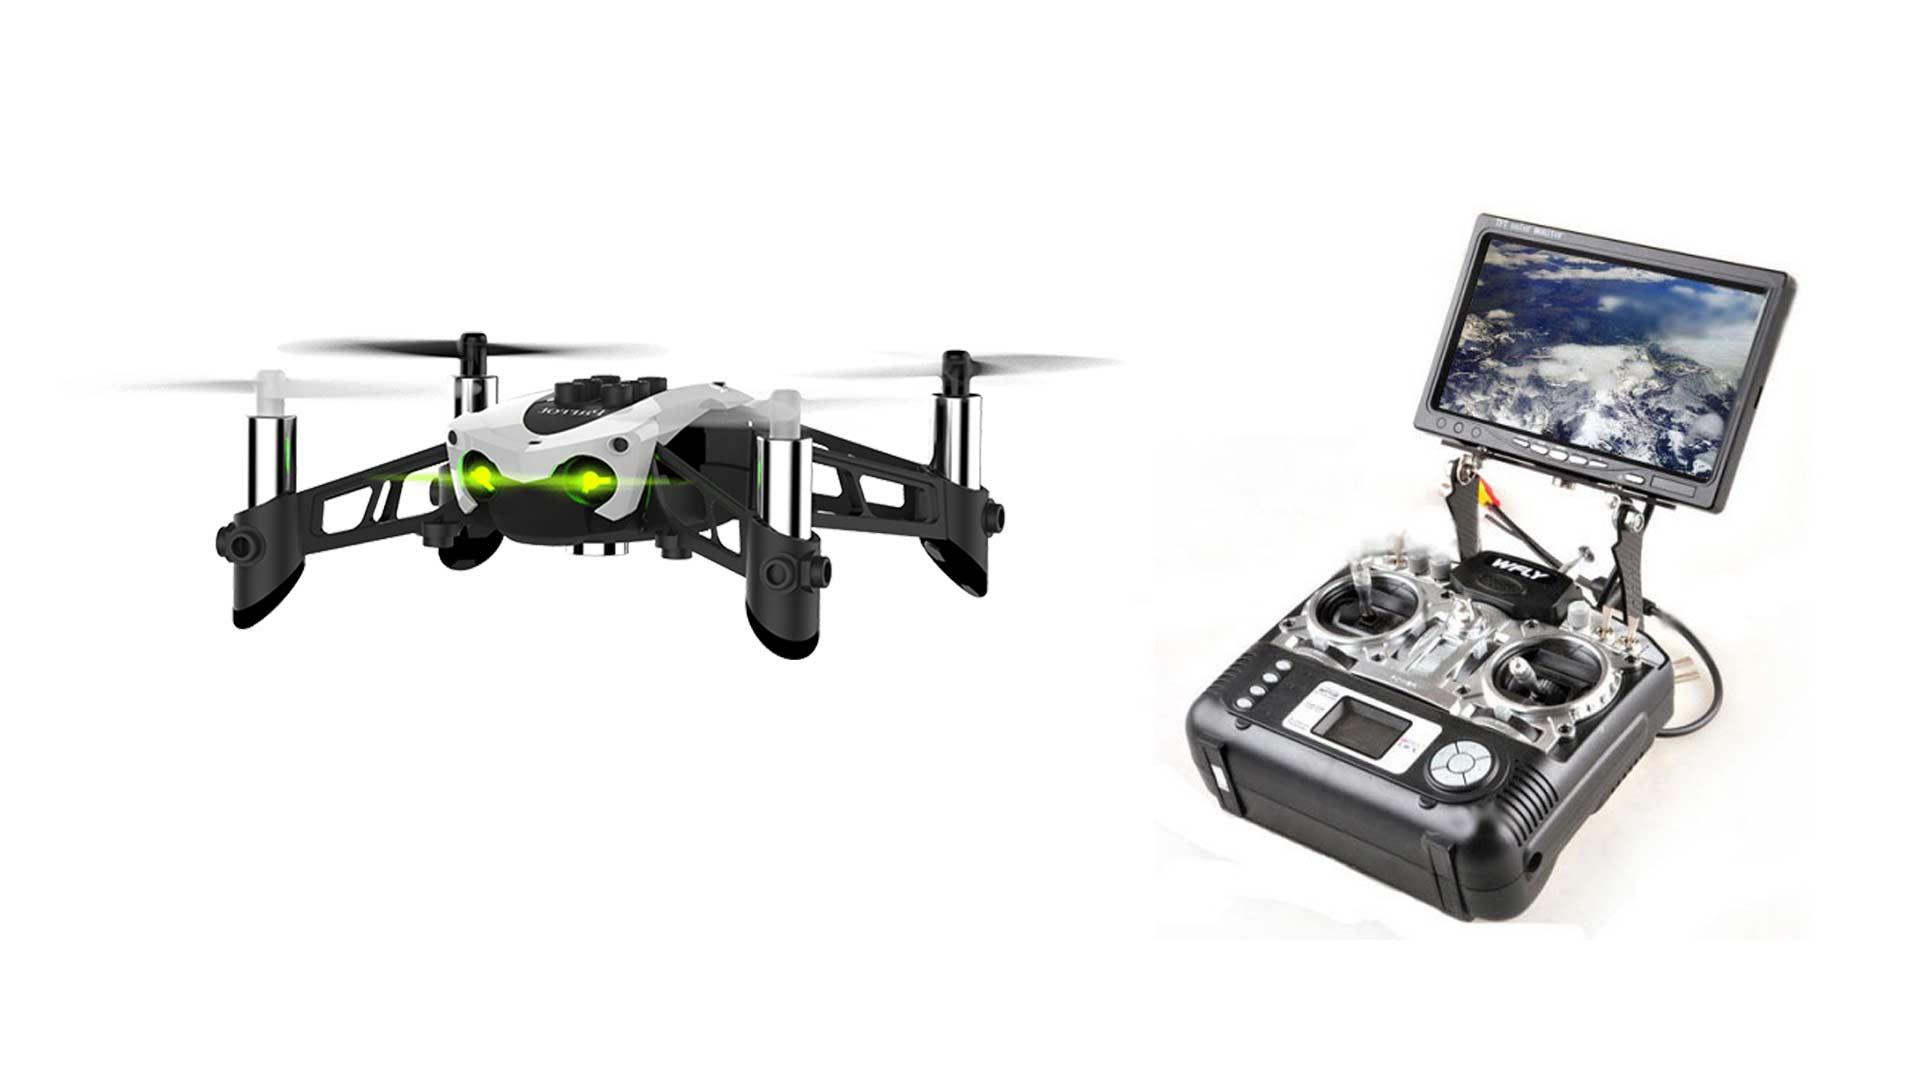 Radiocomando per drone